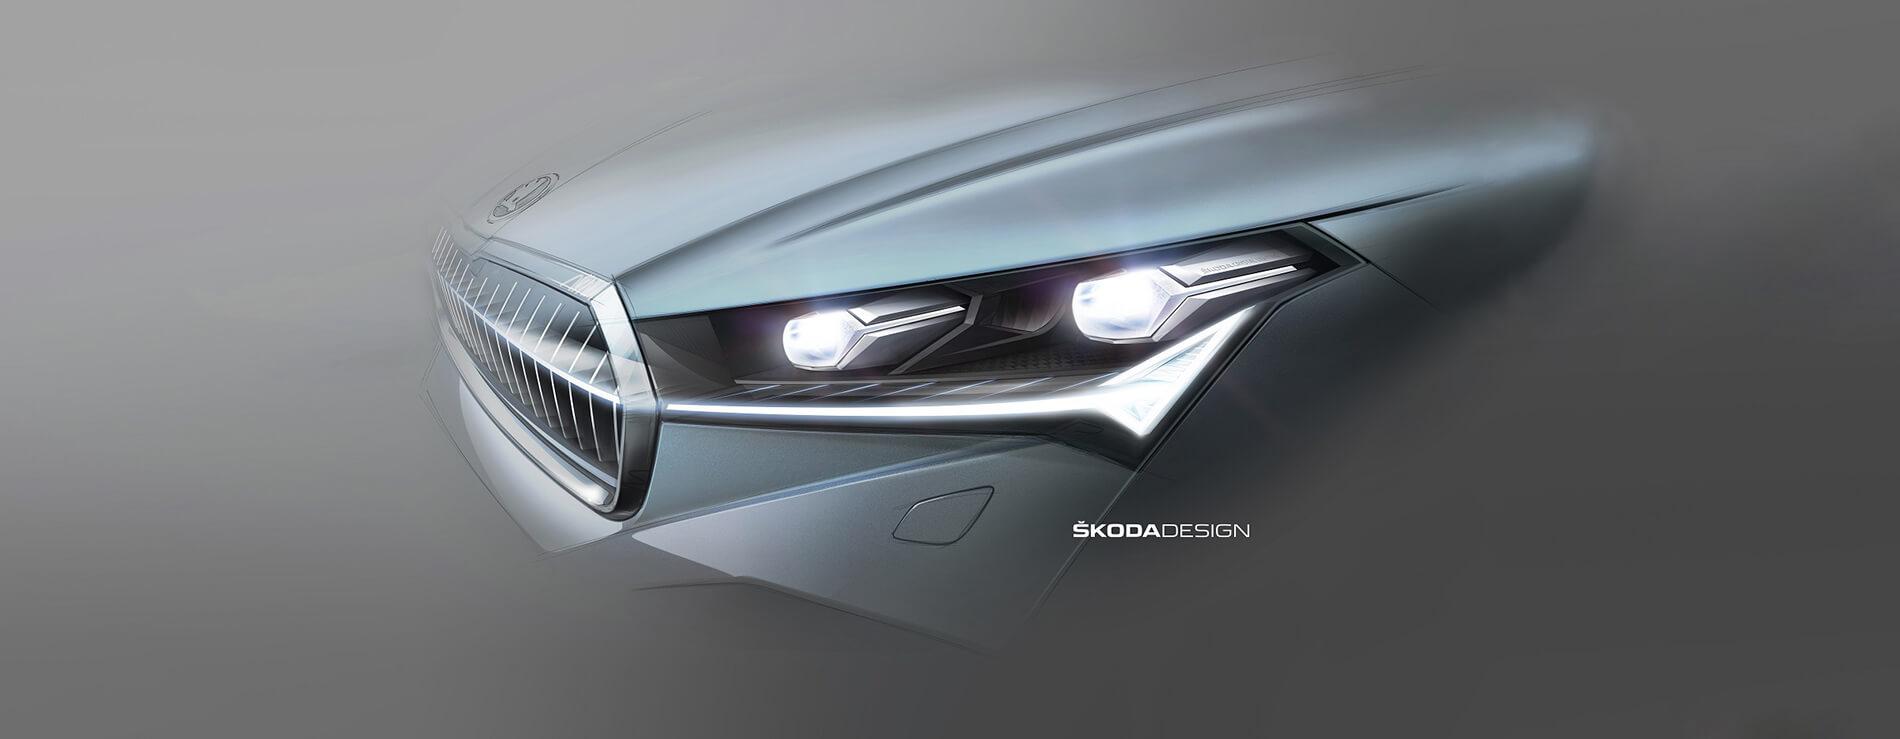 SKODA ENYAQ iV - Full LED matrix εμπρός προβολείς. Τεχνολογία με ξεχωριστό design